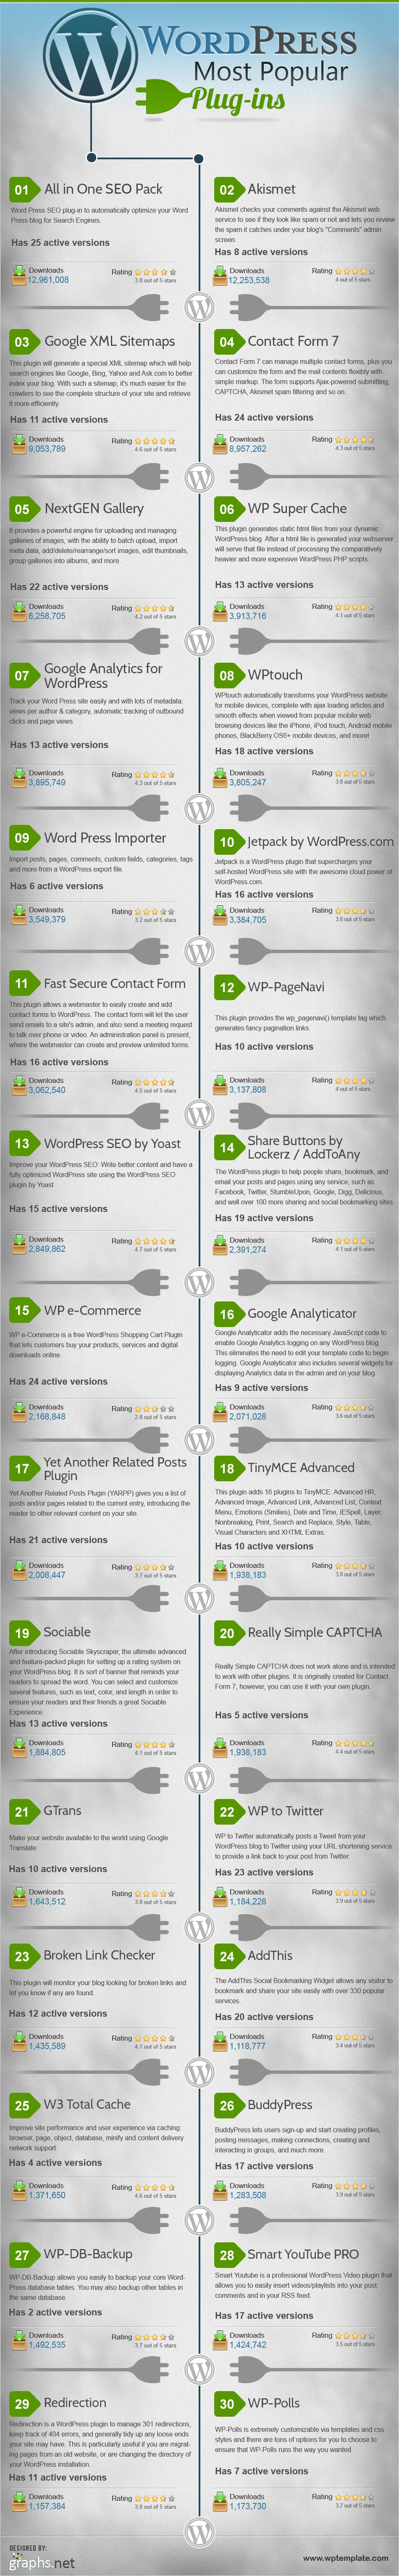 ТОП 30 на най-популярните плъгини за WordPress